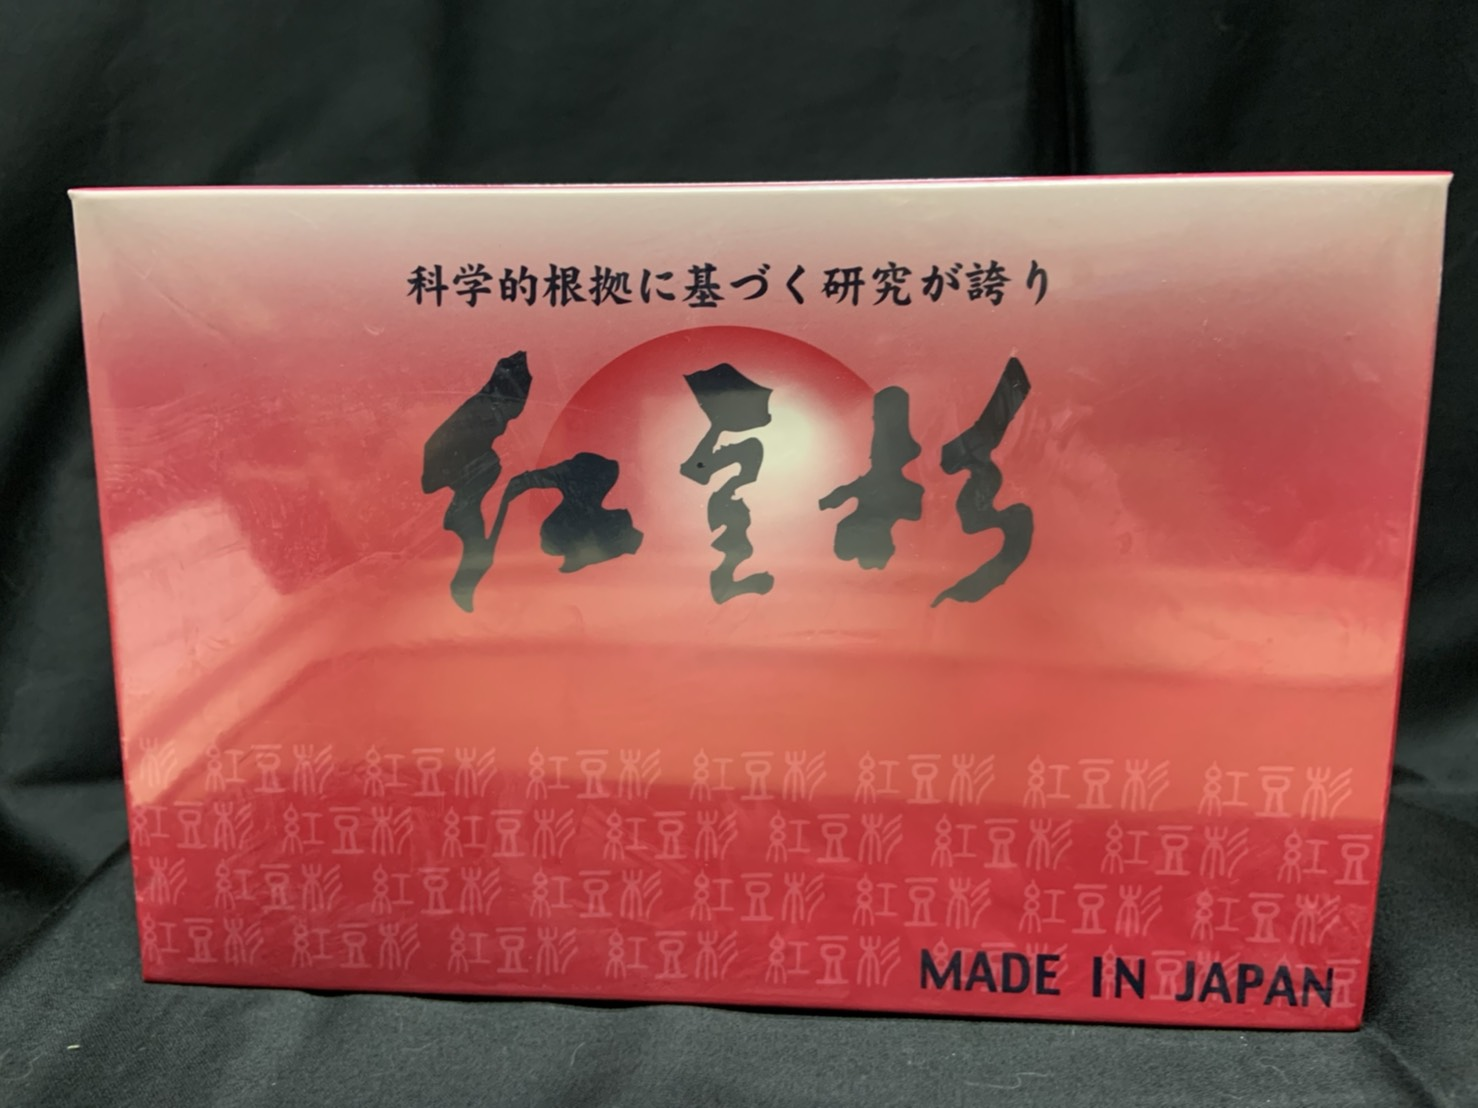 雲南紅豆茶 5g×30袋